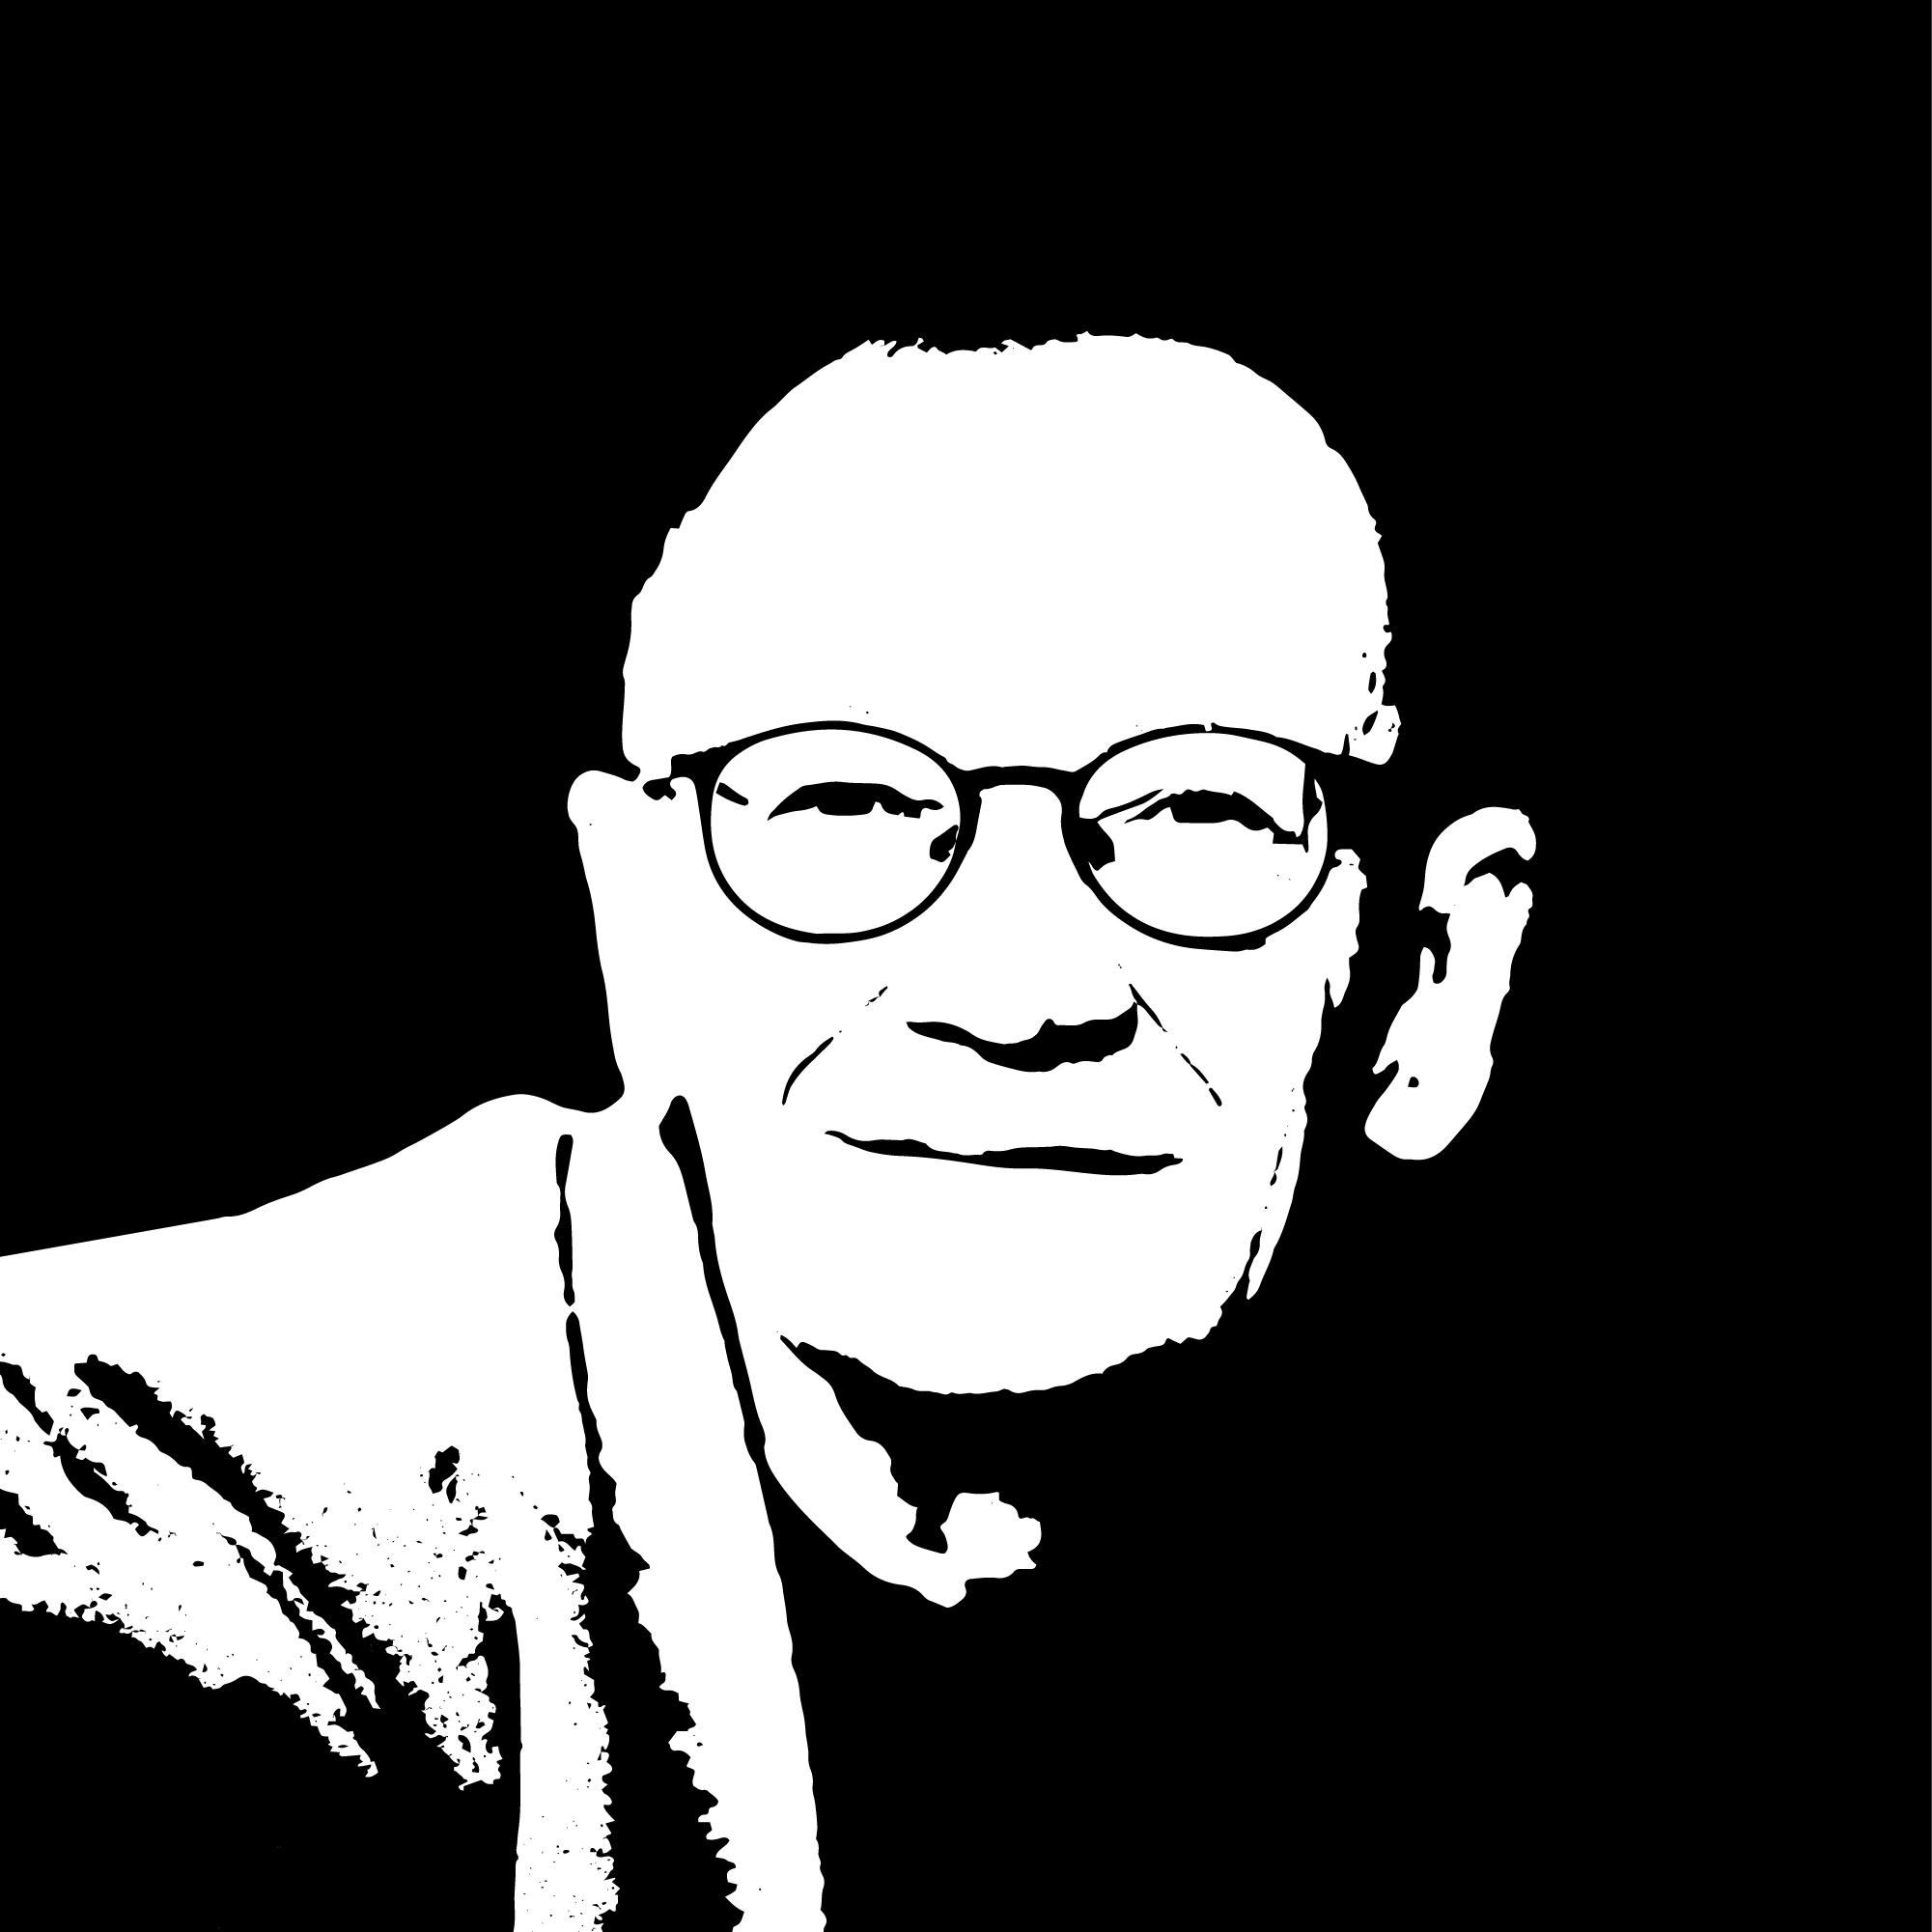 Czarno-biały stylizowany portret łotewskiego poety Janis Rokpelnis. To starszy mężczyzna z krótkimi, jasnymi włosami. Ma okulary, ciemną koszulę, marynarkę